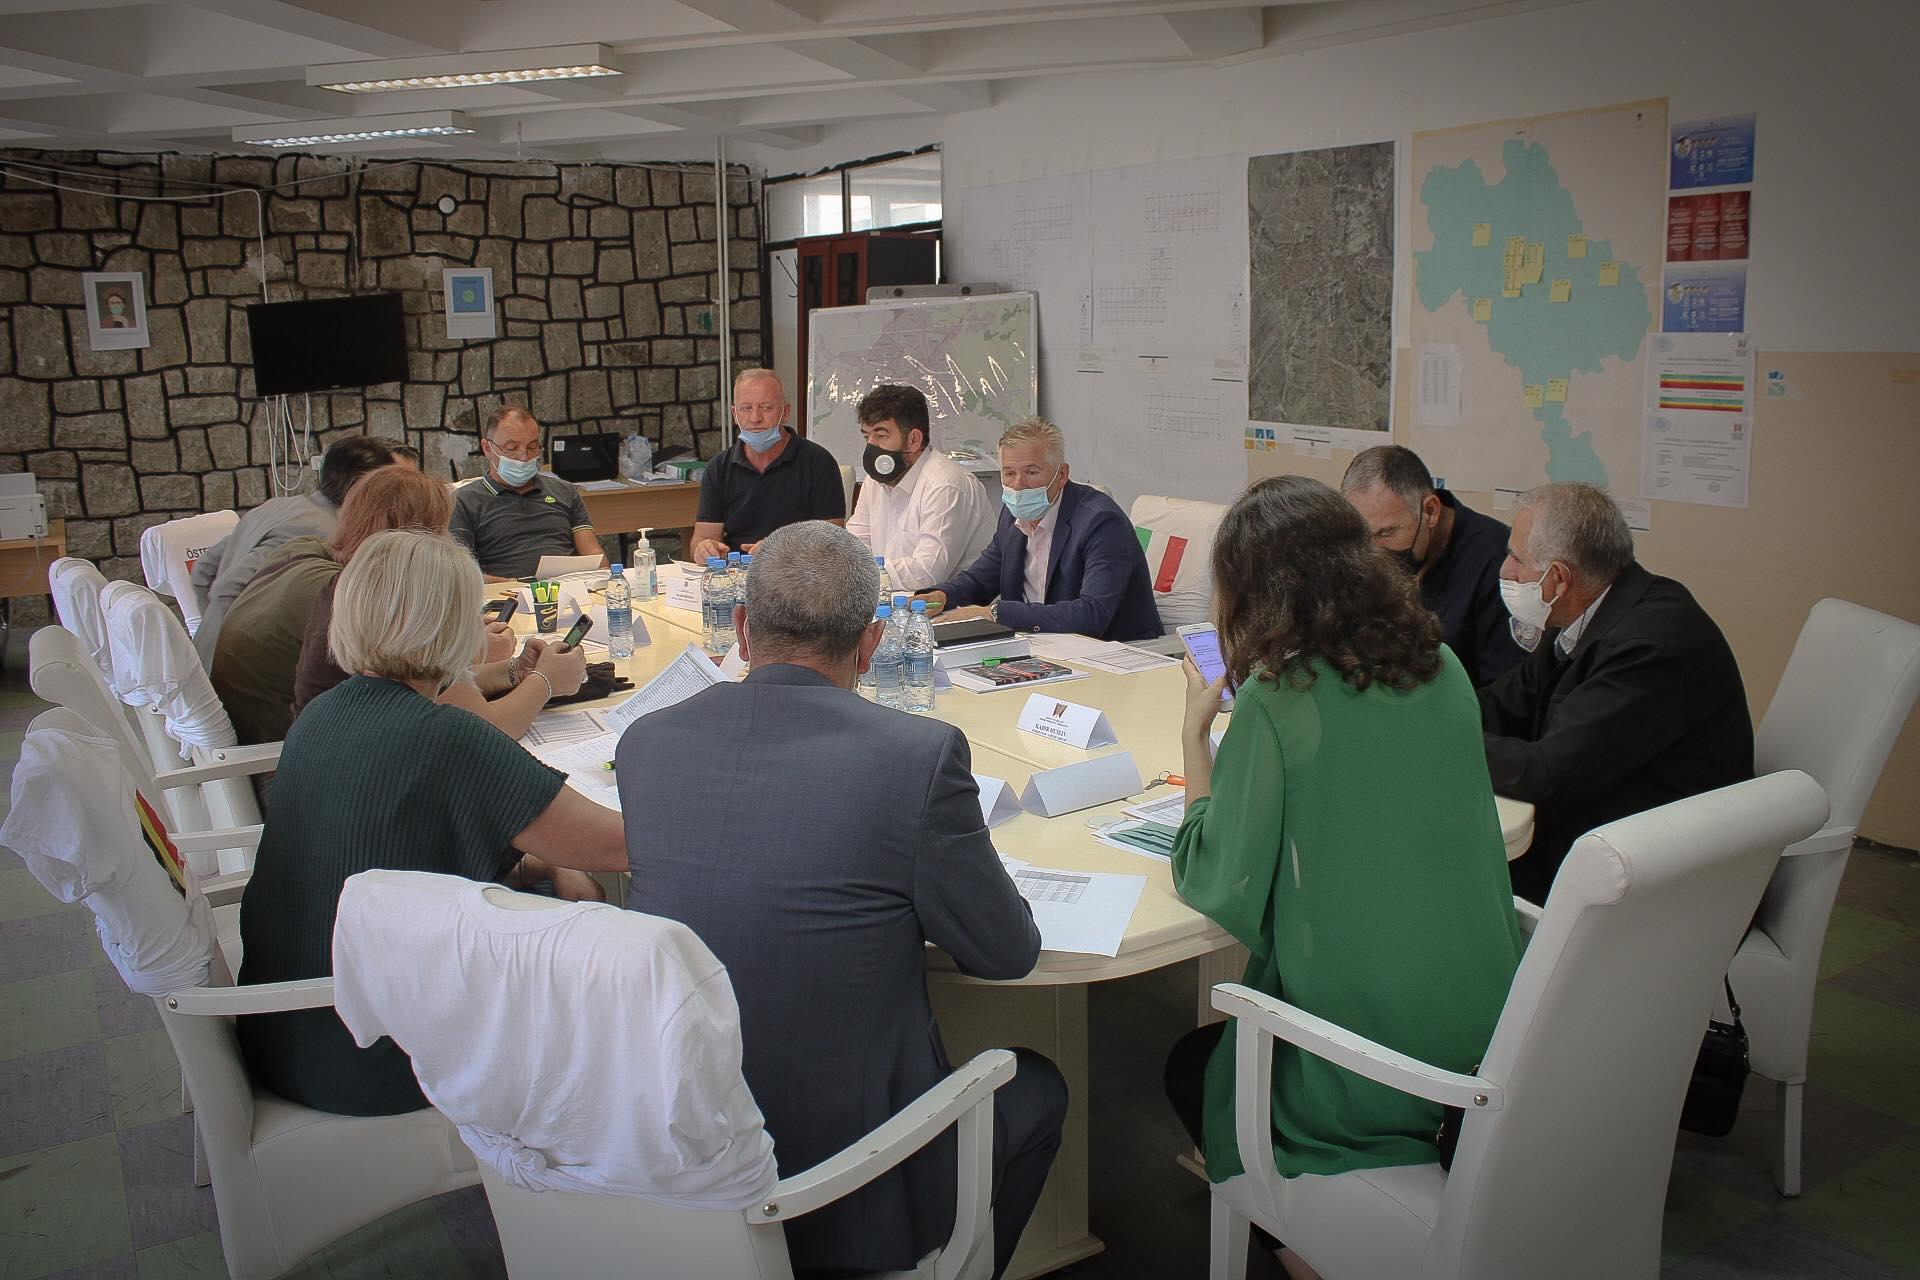 Komiteti i Gjilanit kundër COVID-19 vlerëson se fal lojalitetit qytetar ka rënë dukshëm numri i rasteve të reja